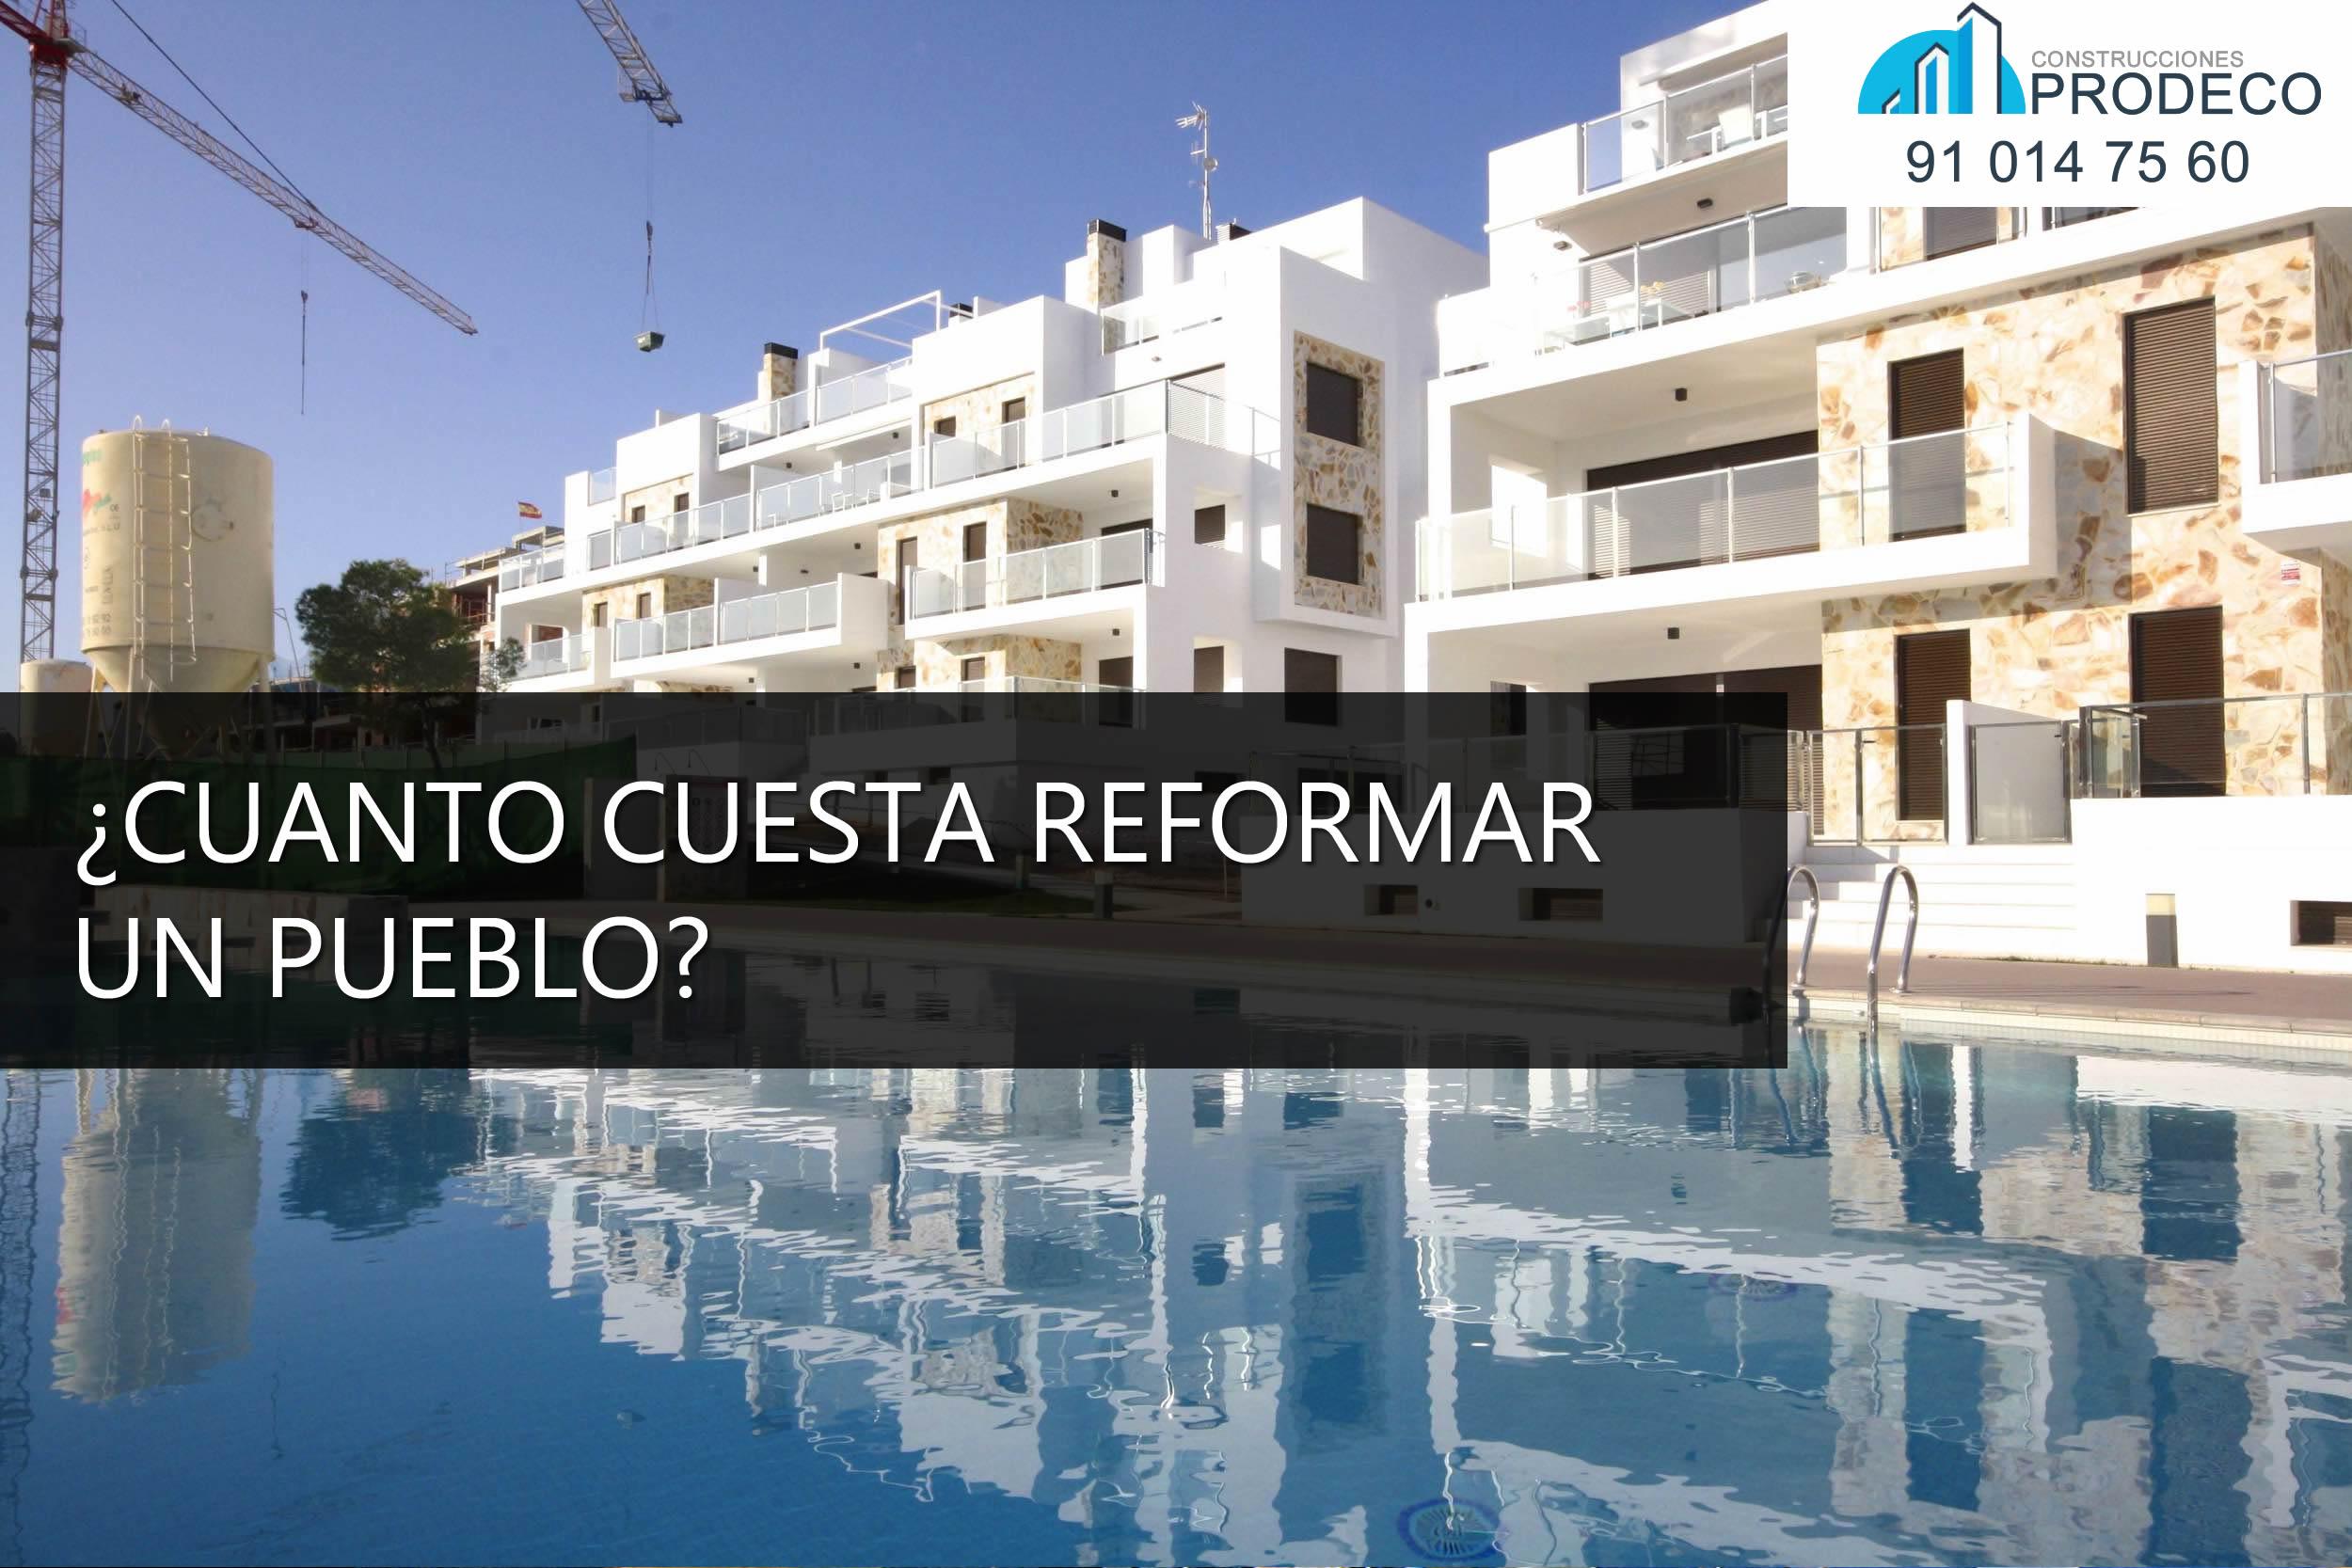 Reformas y microcementos prodeco cu nto cuesta reformar for Cuanto cuesta reformar una casa